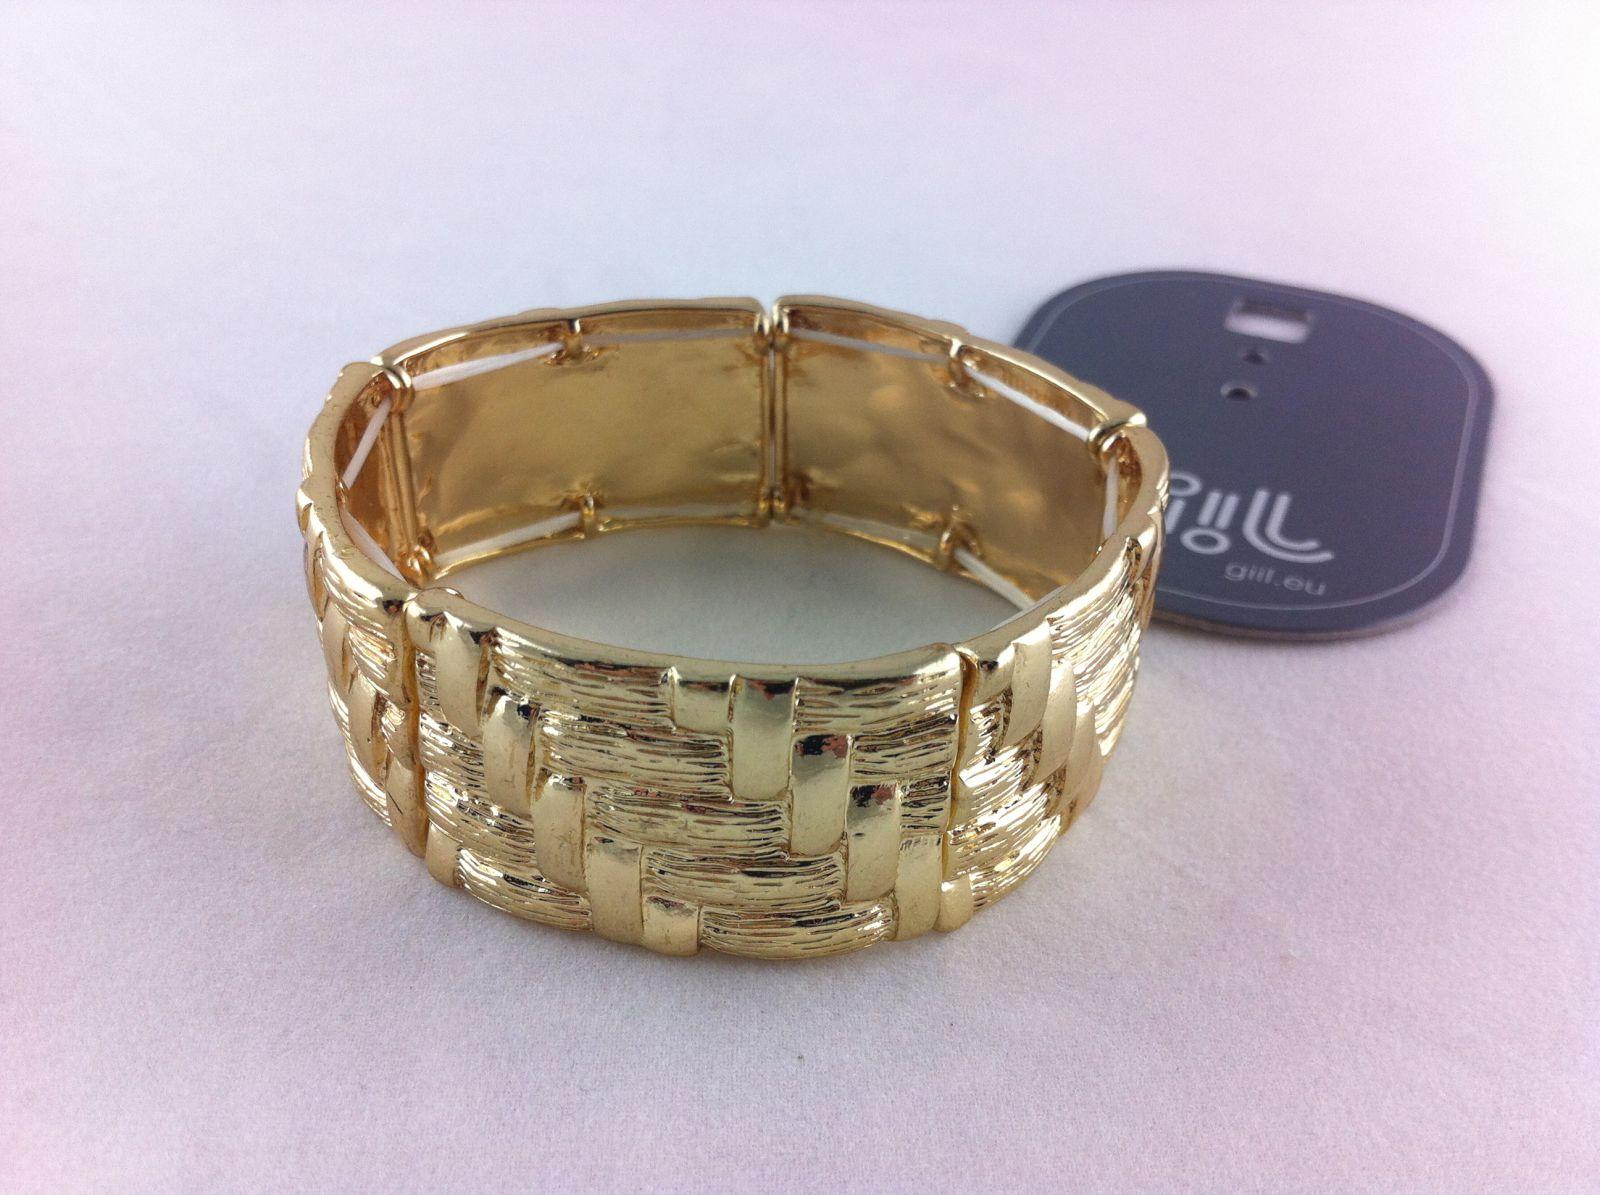 Zlatý tepaný náramek na gumičce GIIL